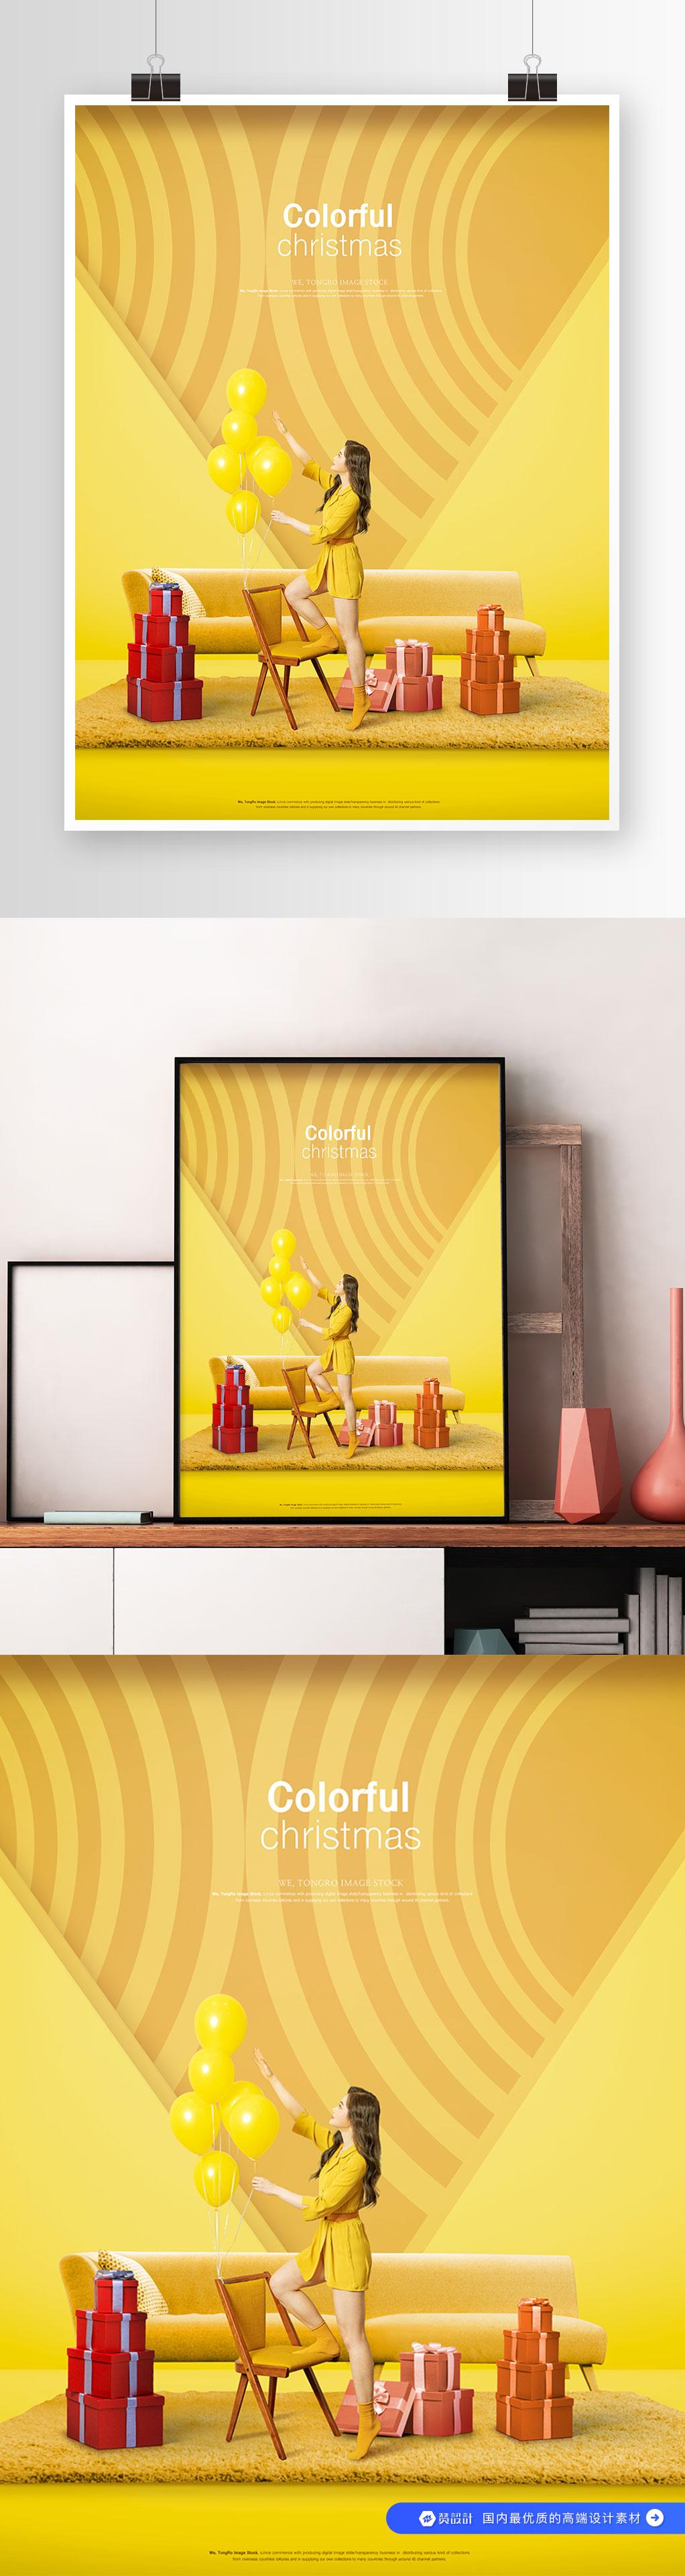 简约空间家居 时尚美女饰品圣诞礼物海报设计